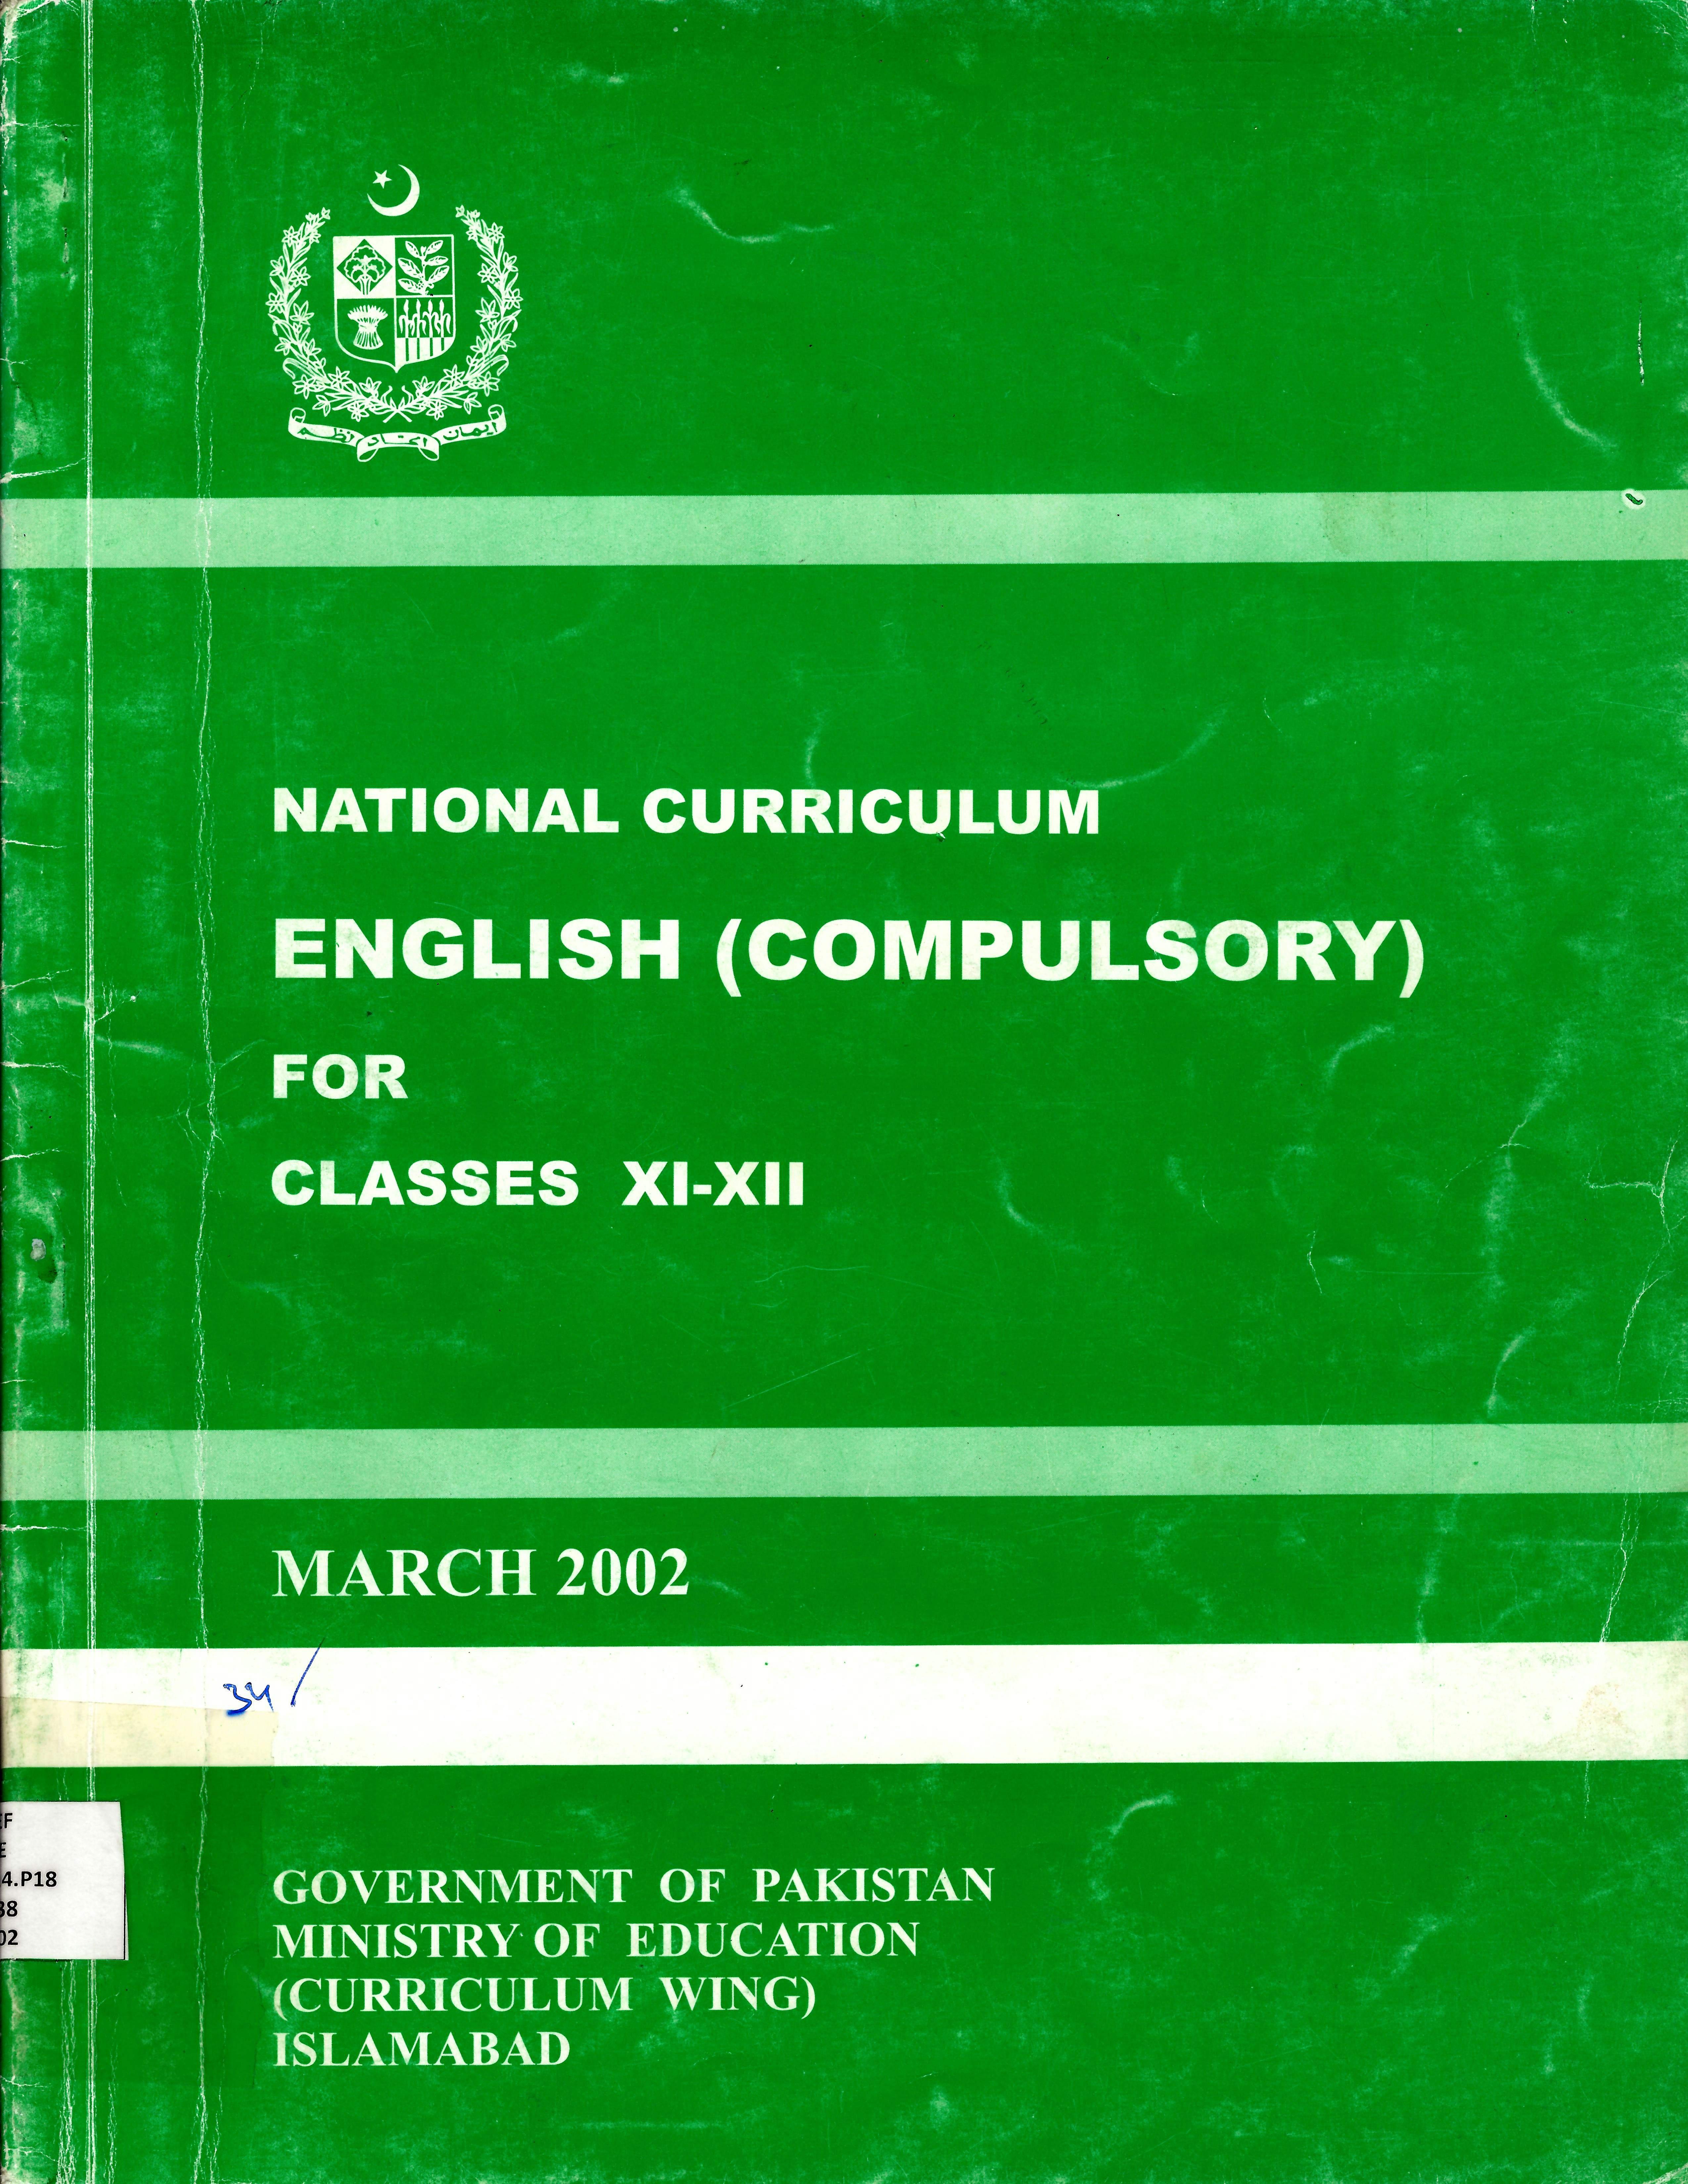 National Curriculum - IED-PK | Curriculum Studies - LibGuides at Aga